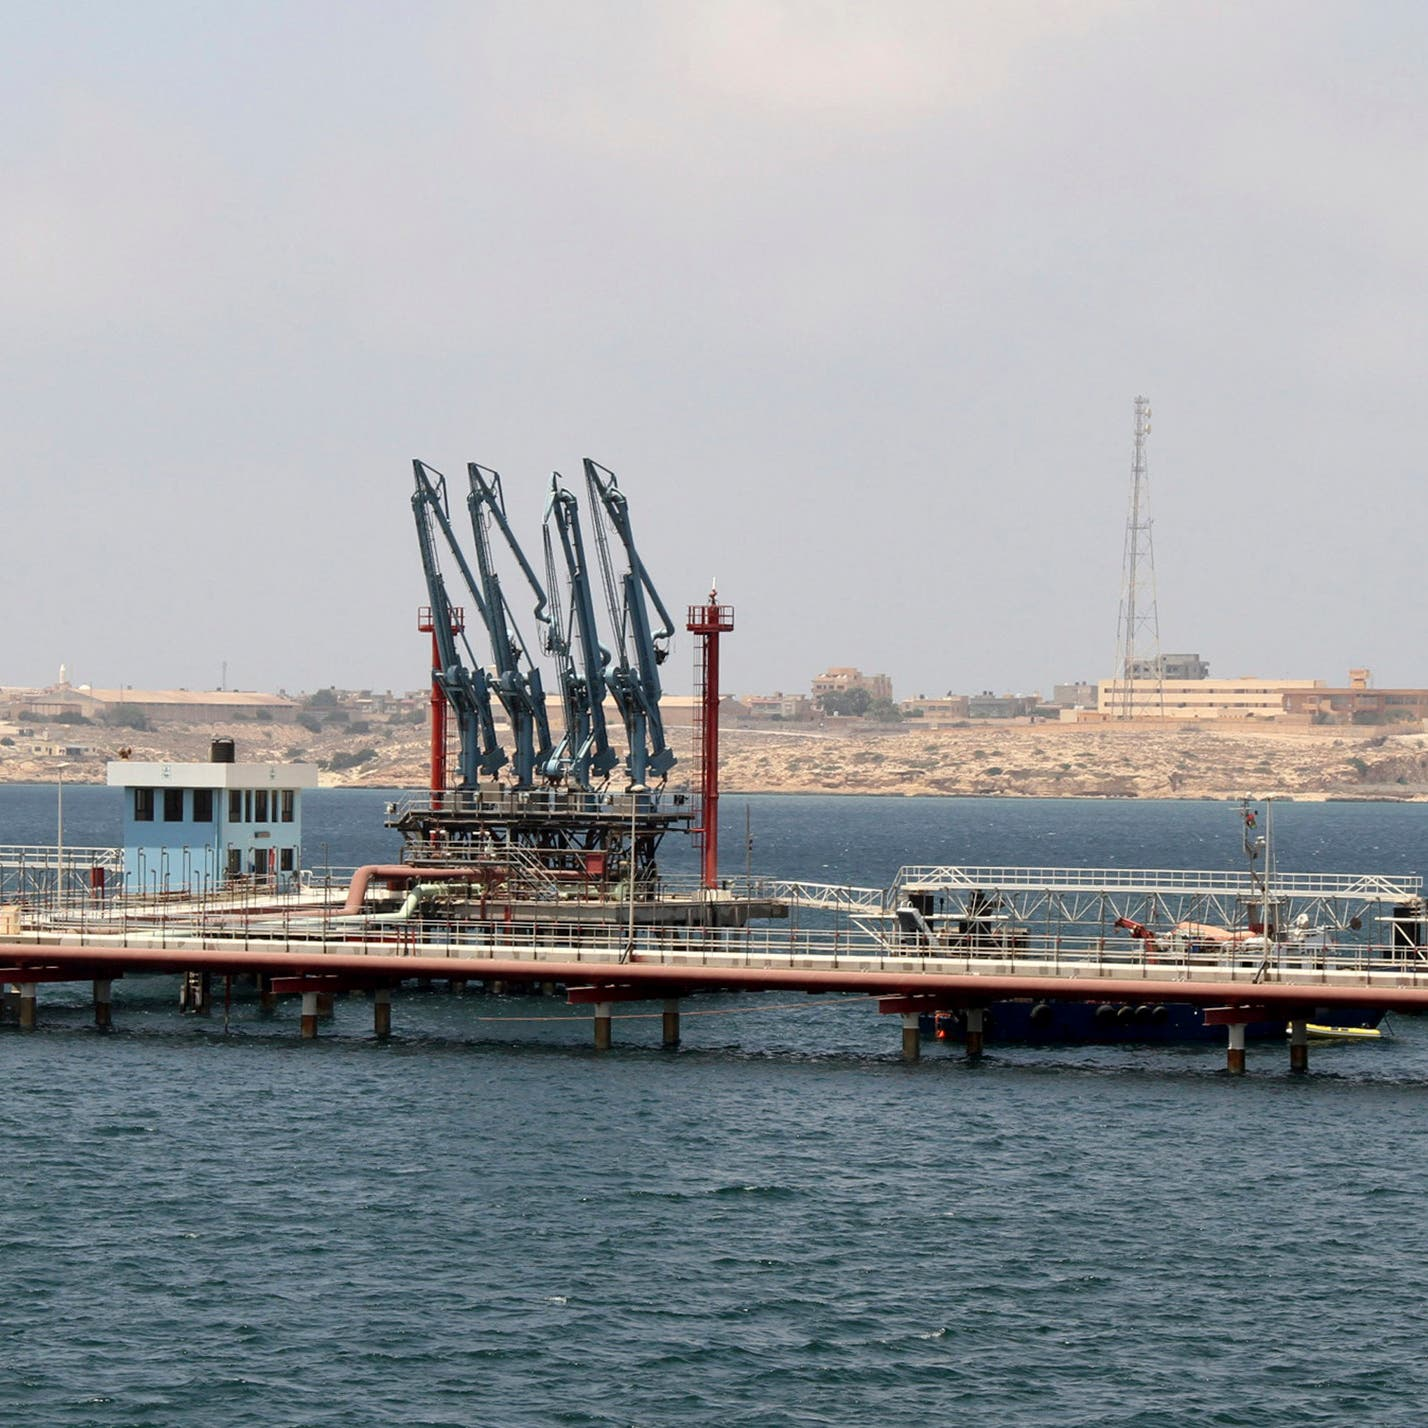 صراع بين مصرف ليبيا المركزي ومؤسسة النفط يوقف الإنتاج